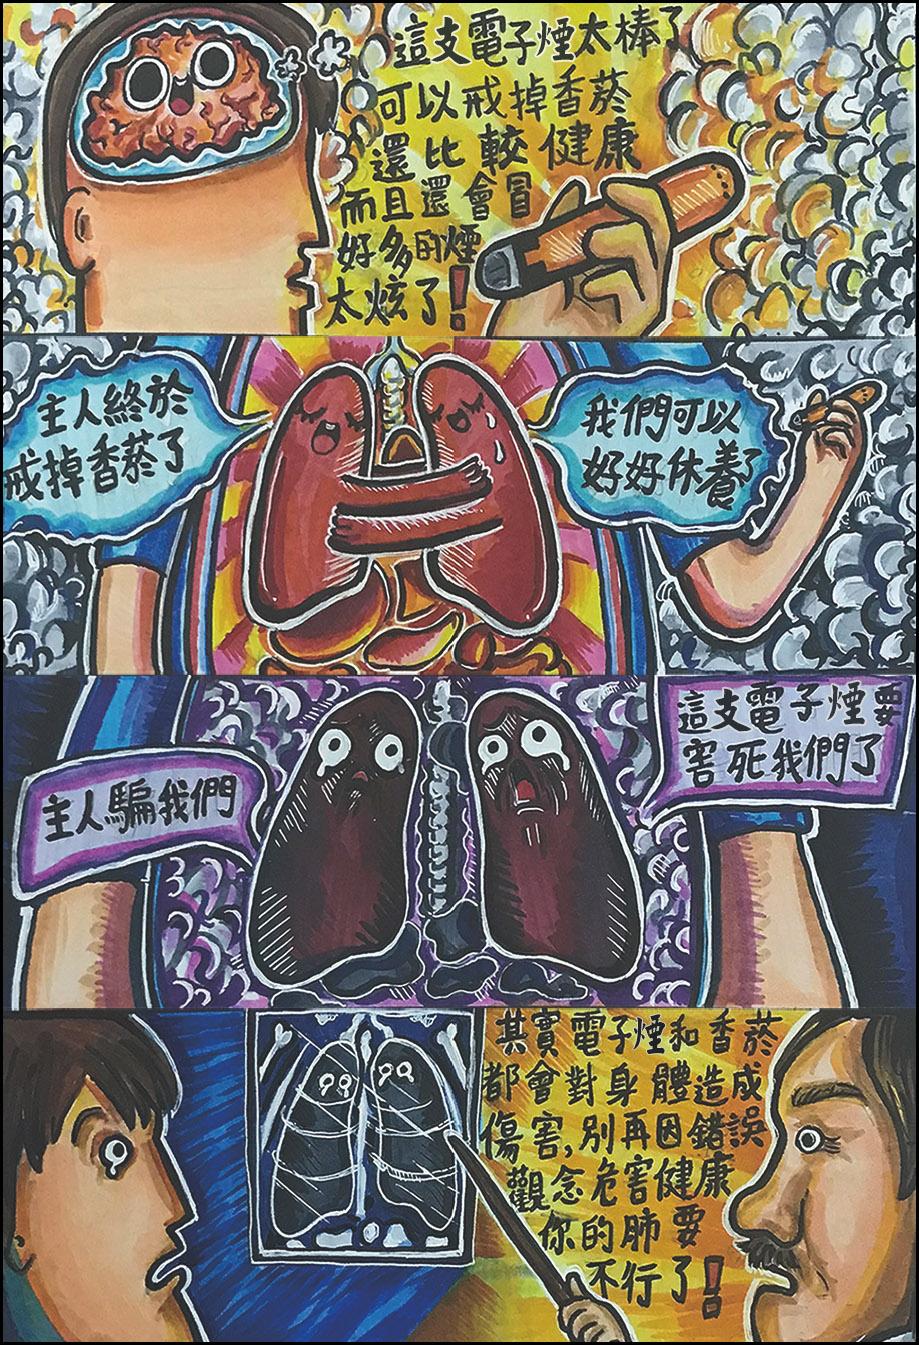 四格漫畫-優選獎-誰傷害了肺?(遠離迷霧傷害校園創意圖文徵選活動)